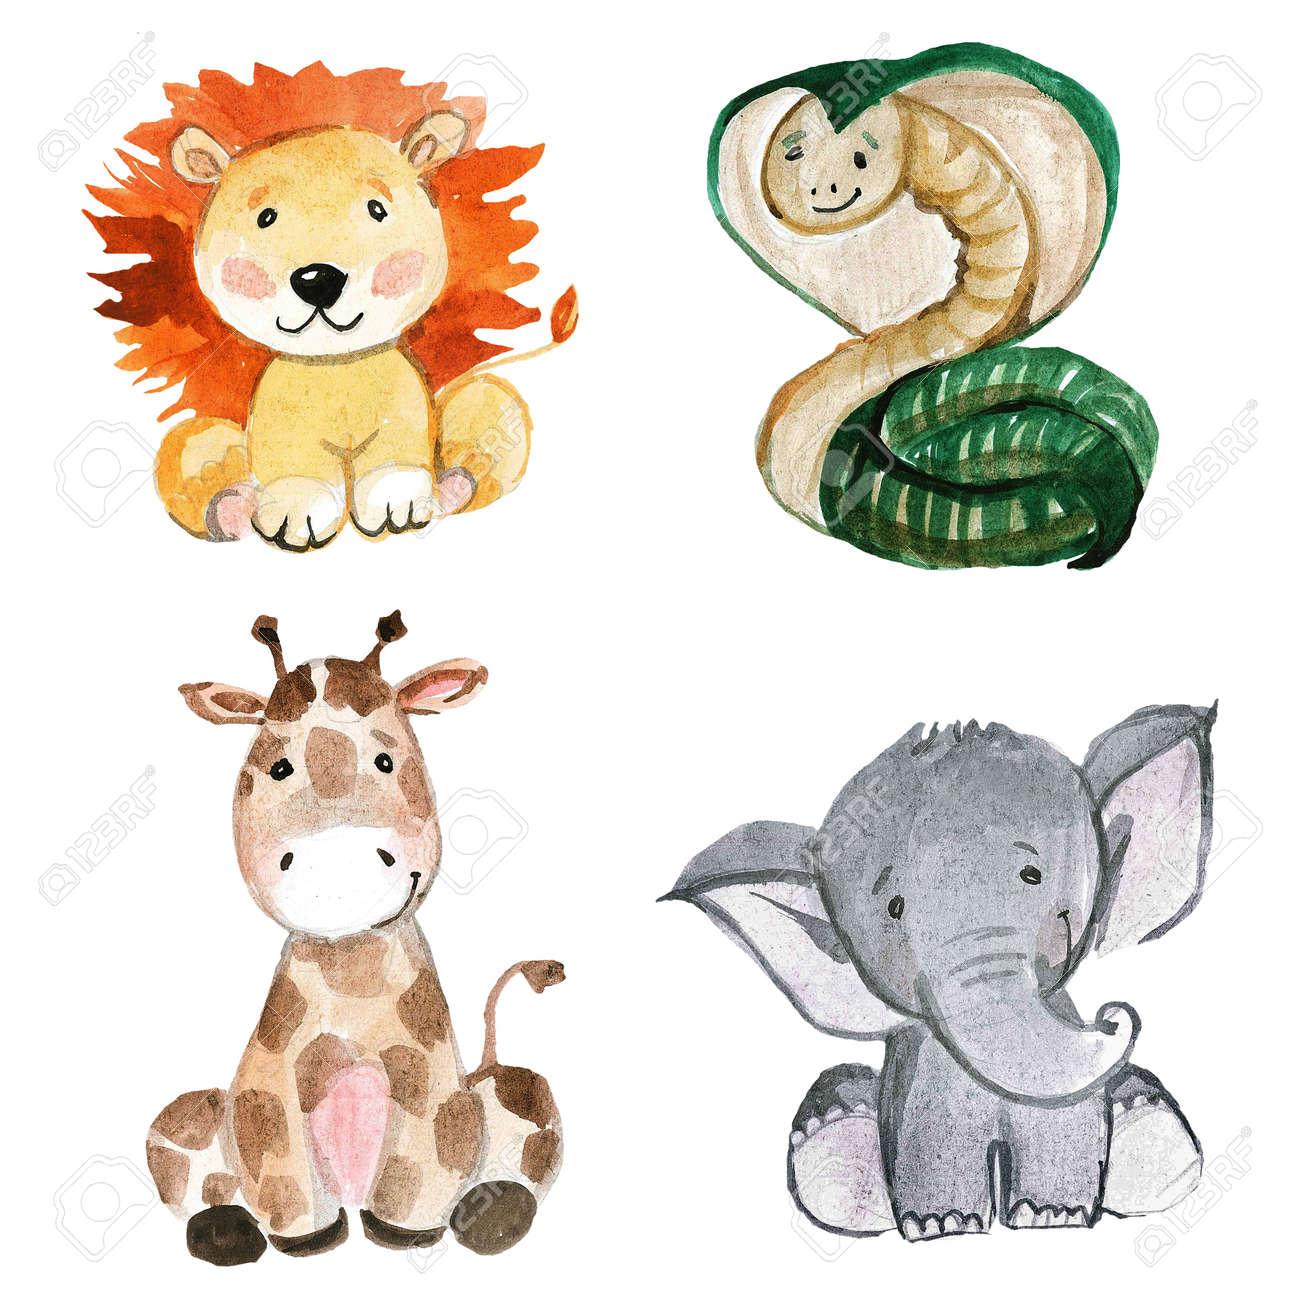 Cute Animals for kindergarten, nursery, children clothing, pattern for kindergarten, nursery, children clothing, kids pattern, invitation baby shower - 67279864